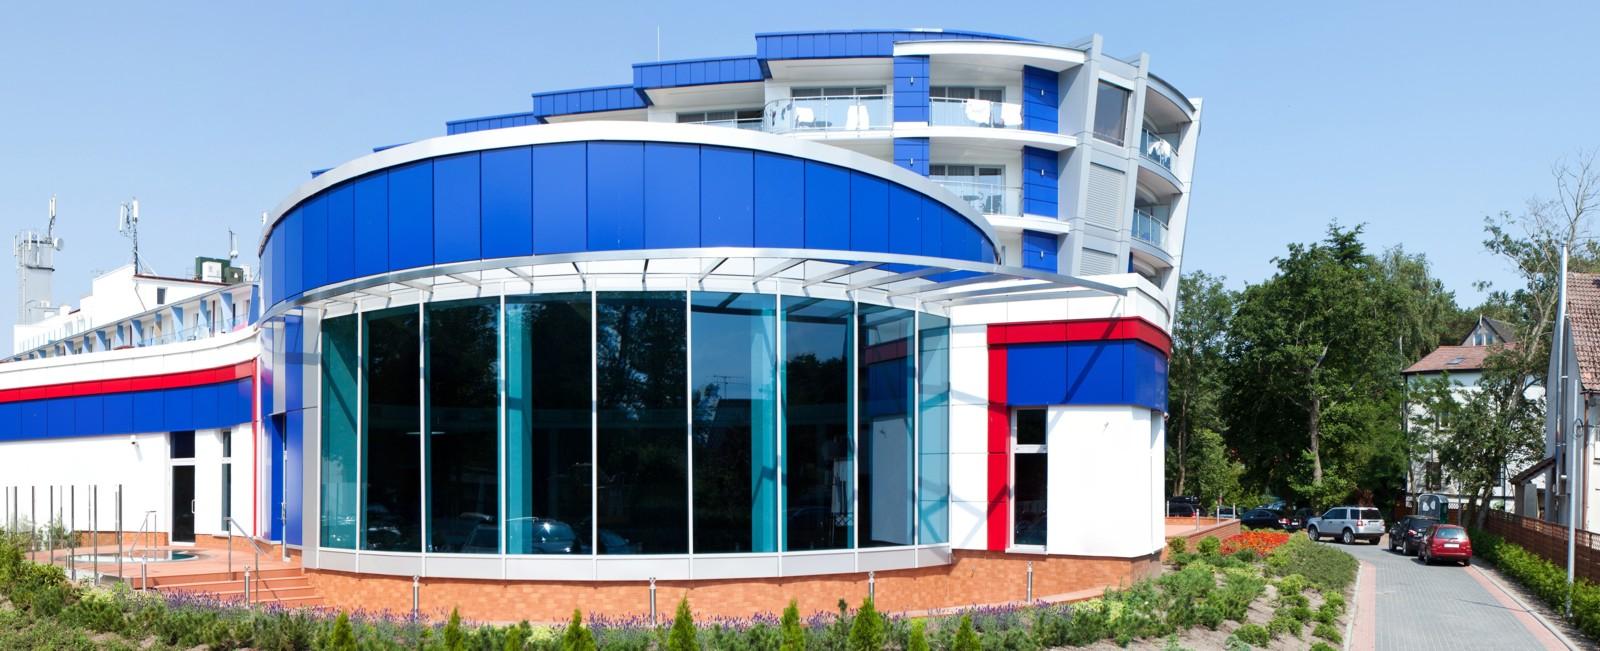 projekt hotelu Unitral w Mielnie